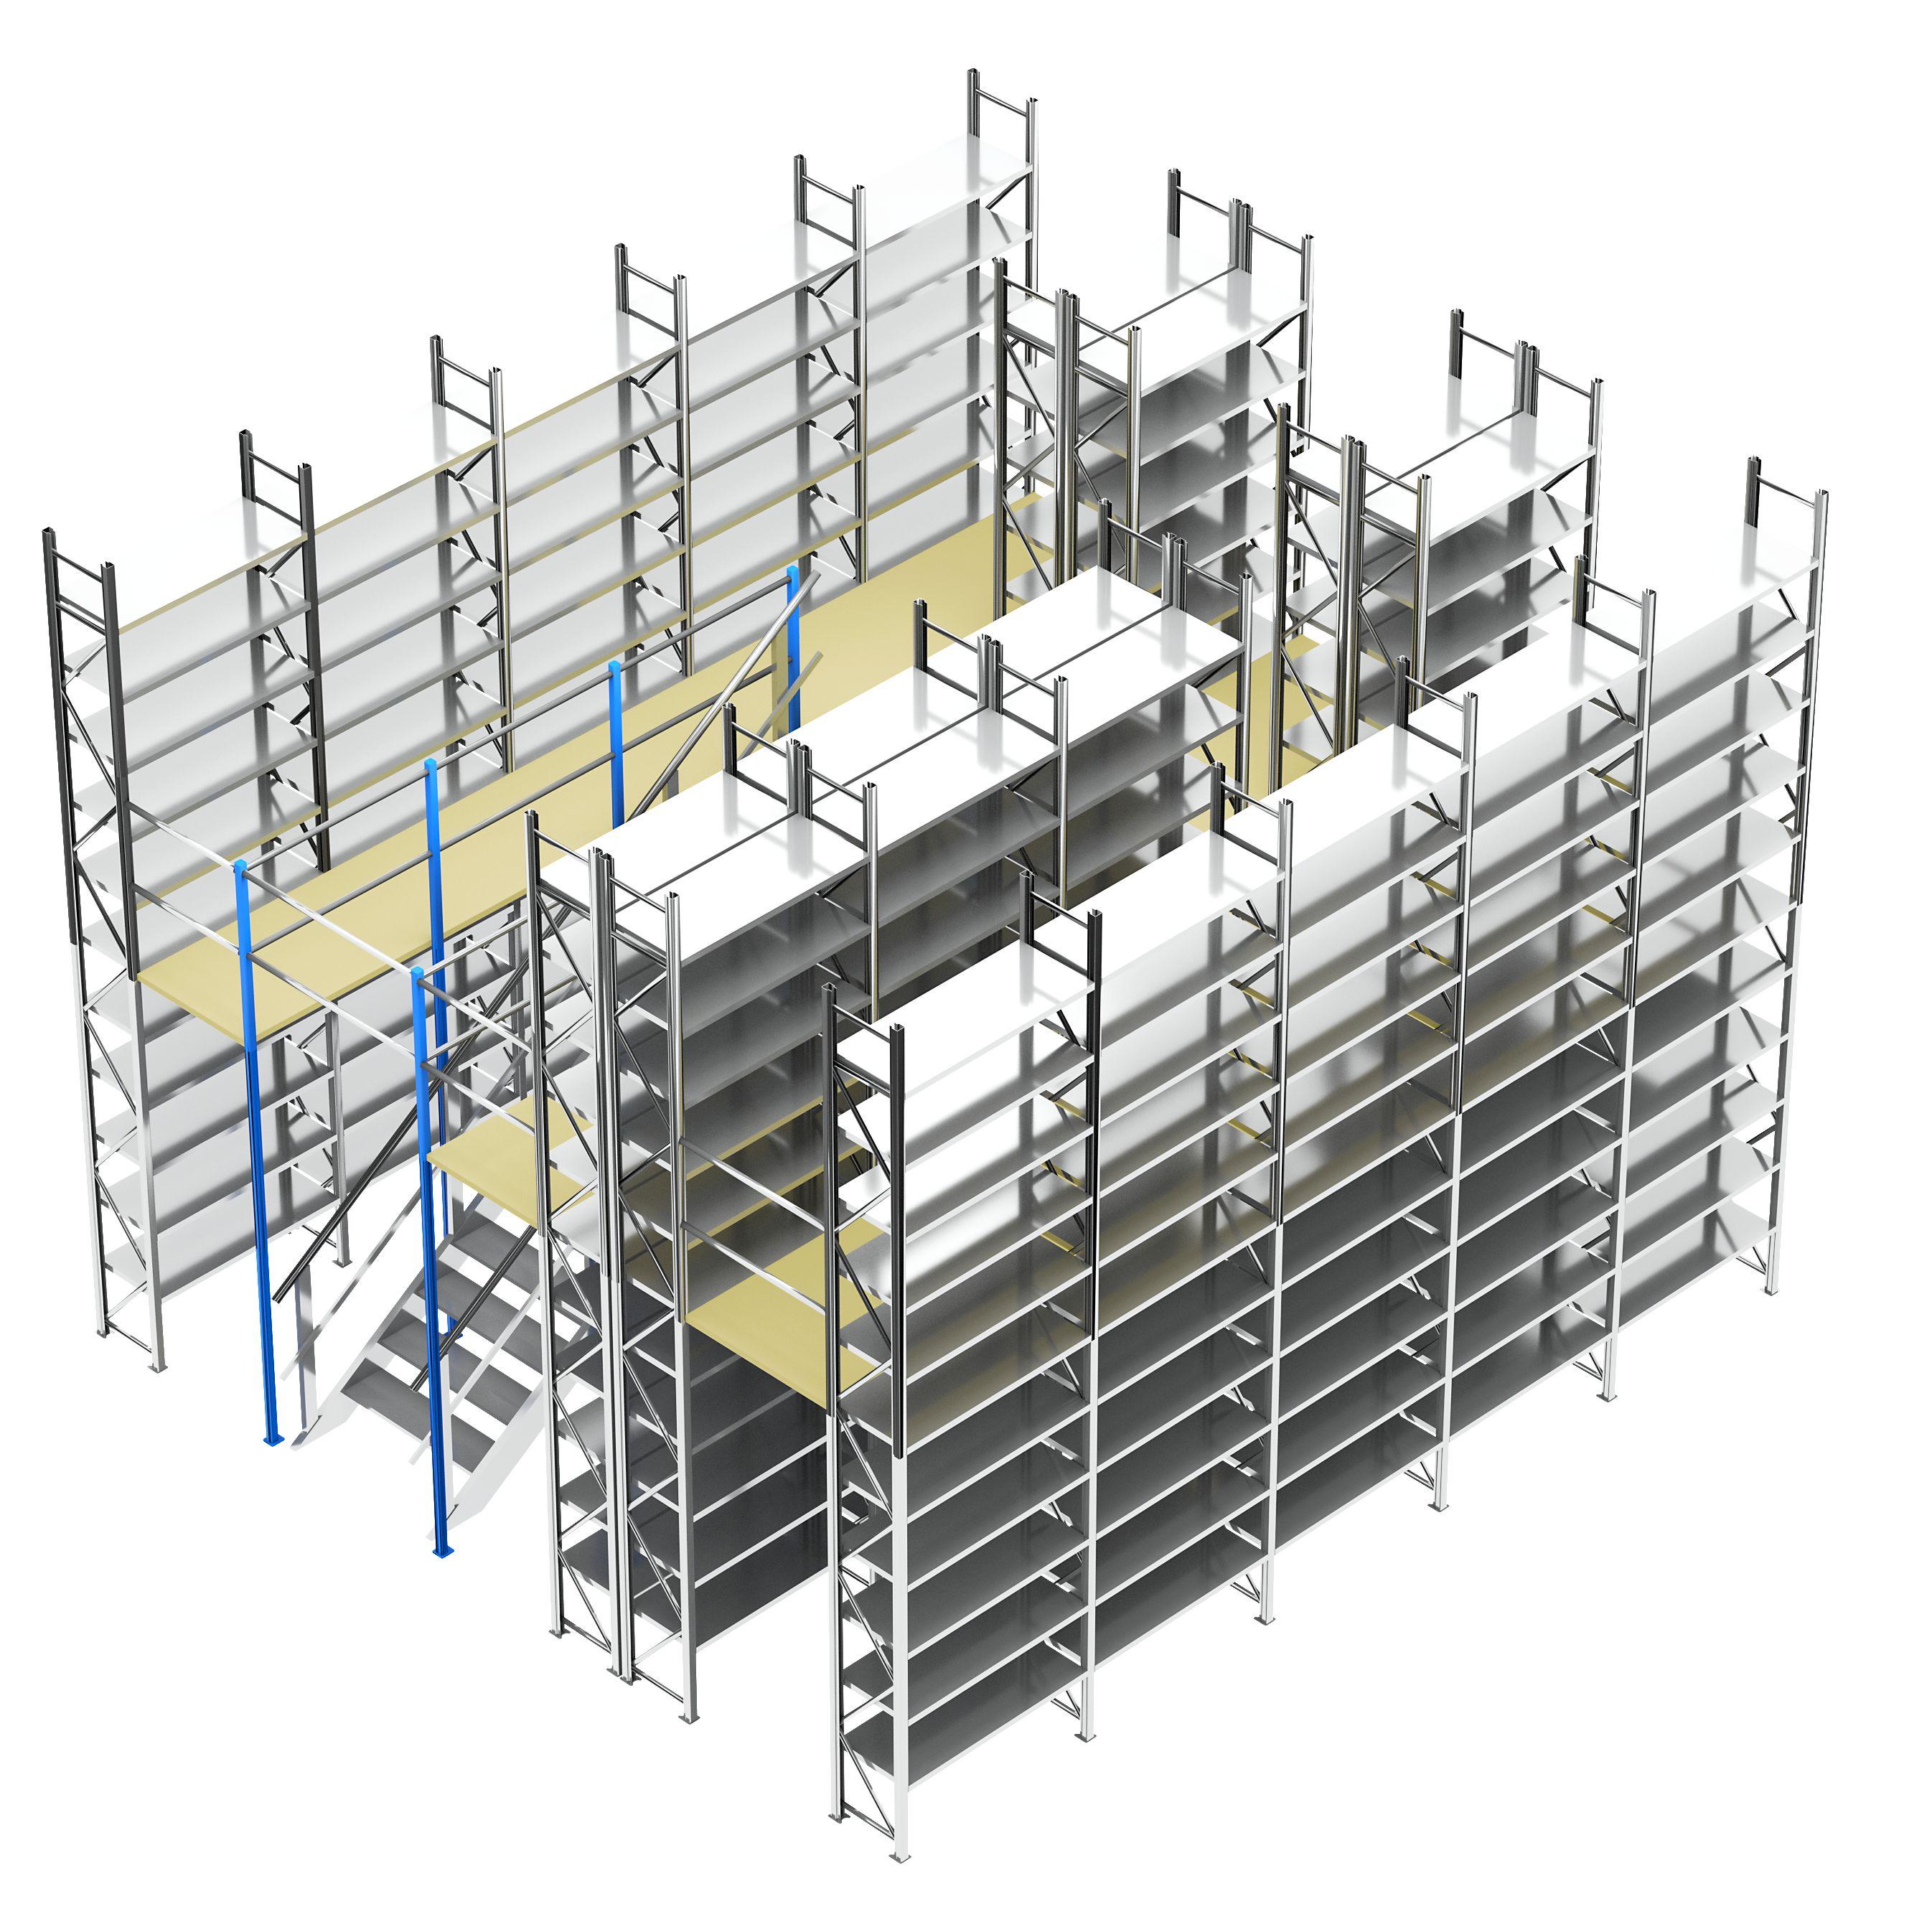 2-geschossiges Fachbodenregal mit 220 Fachböden